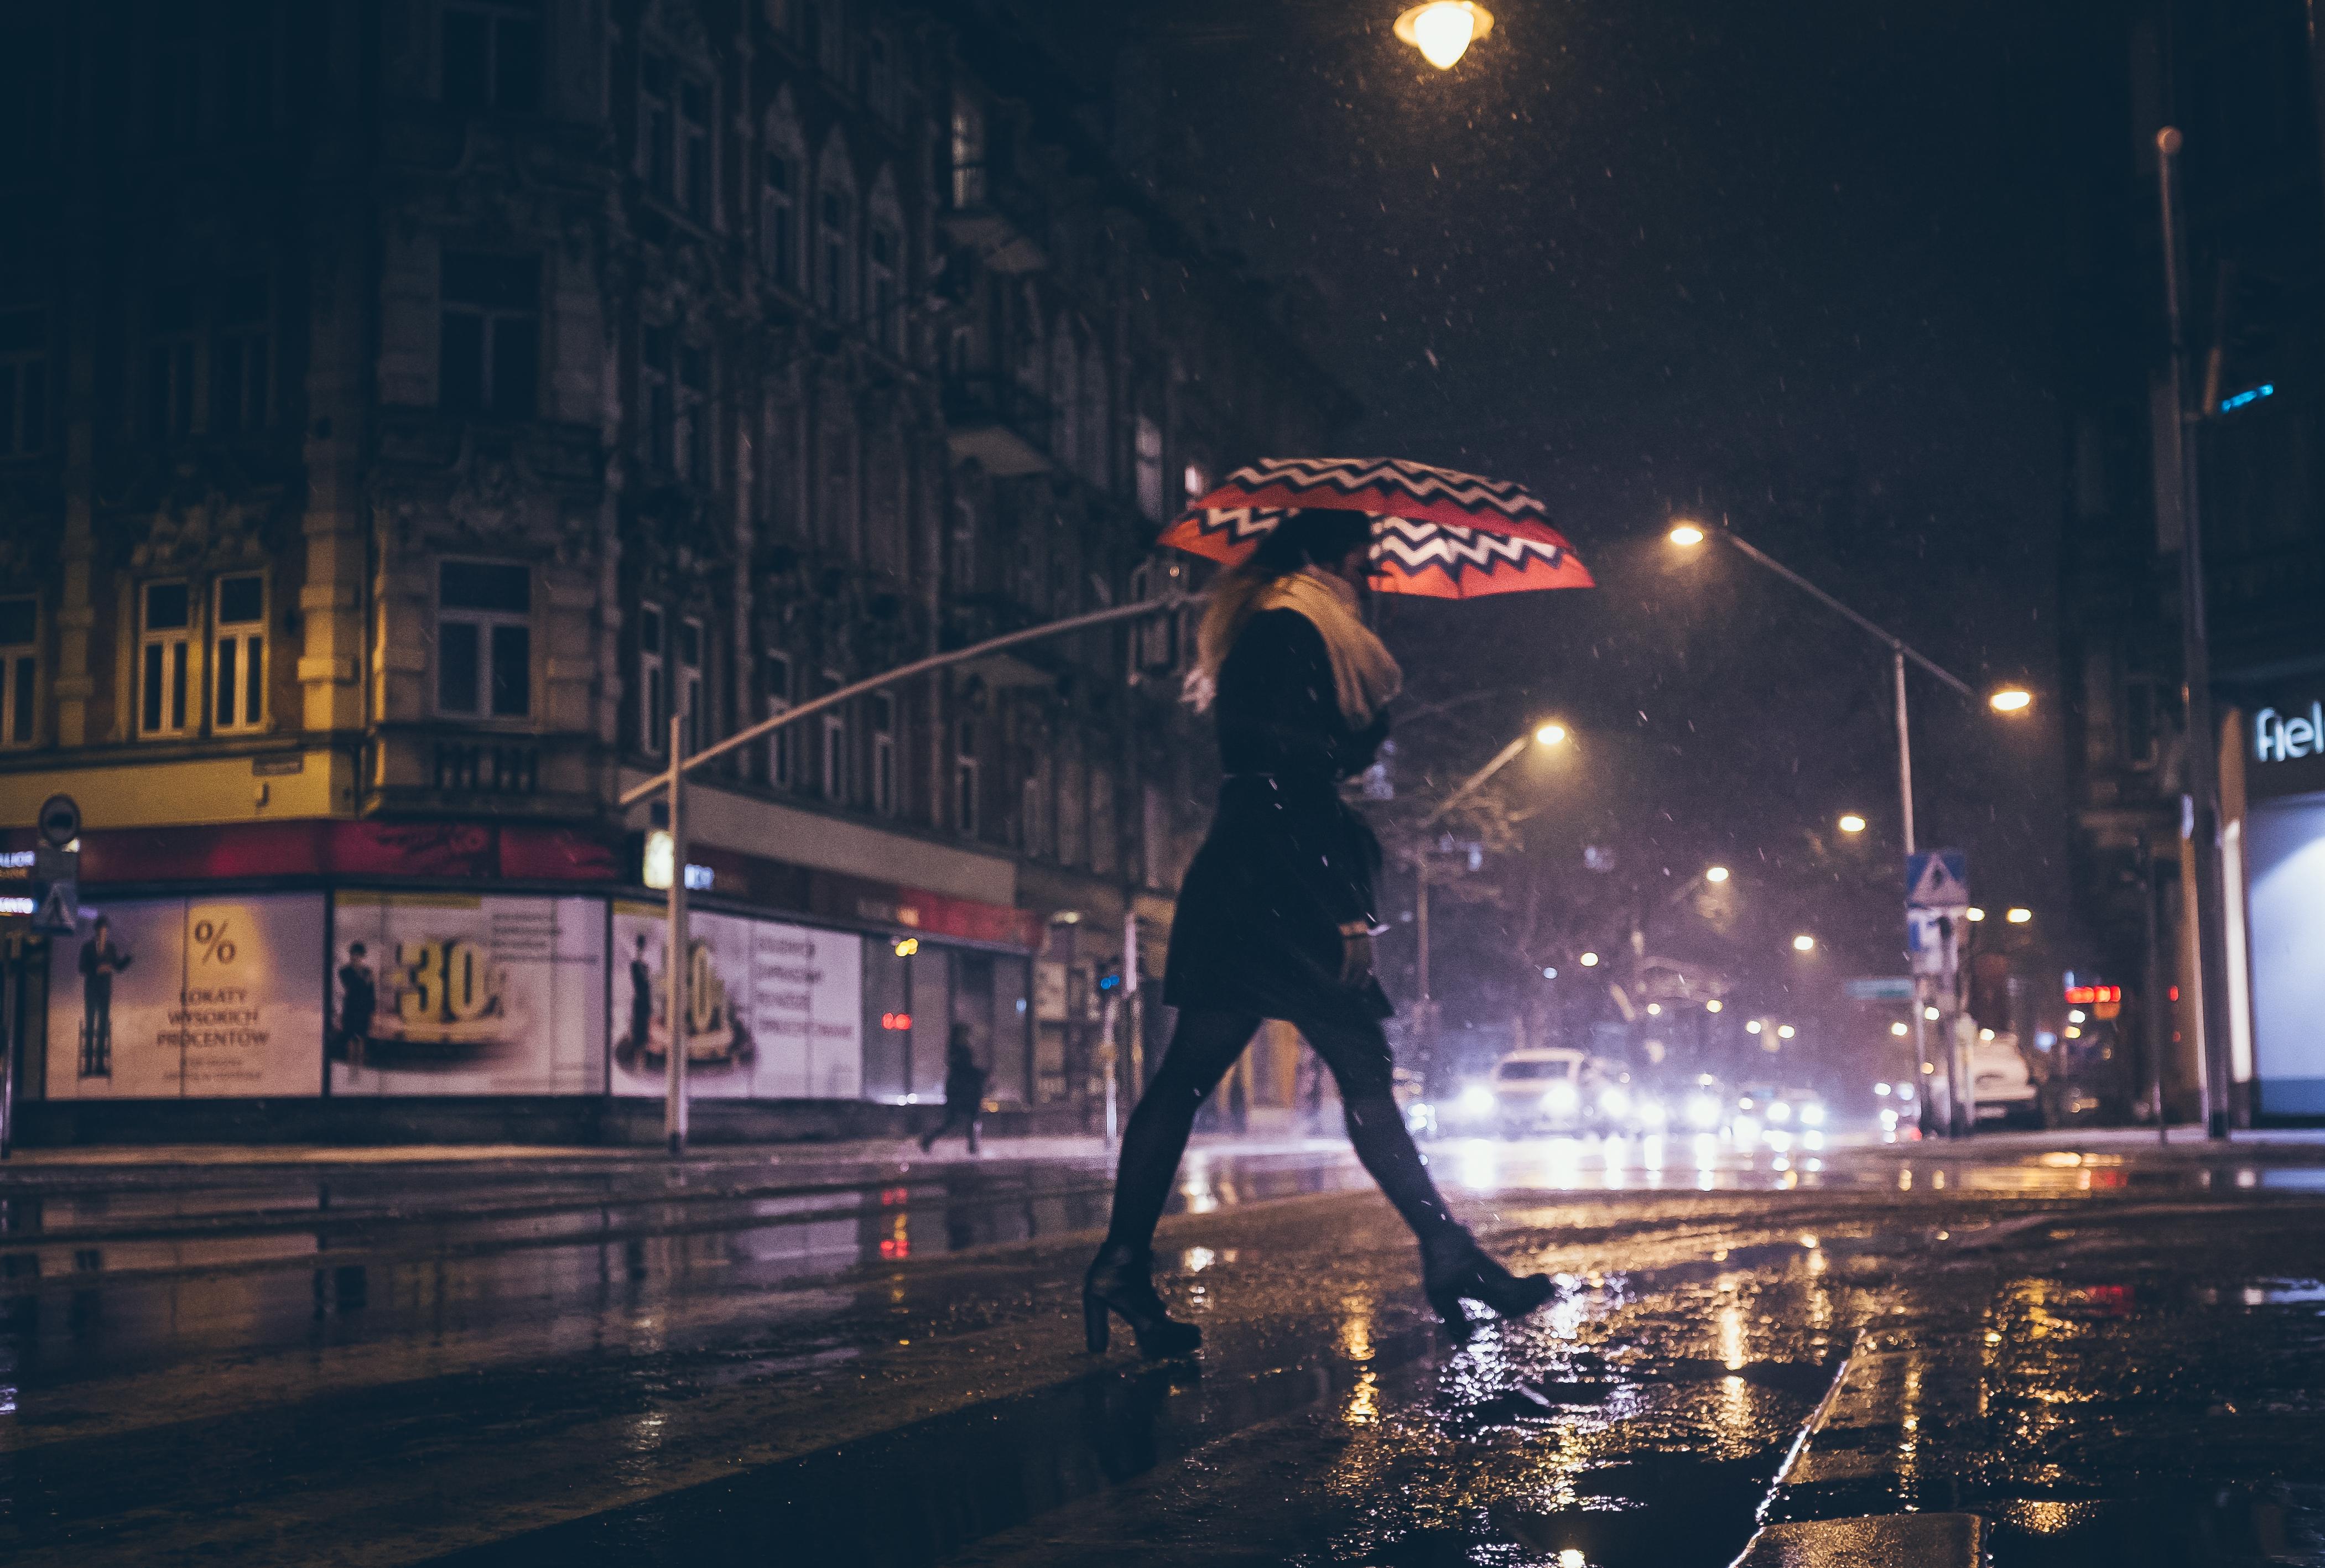 Sfondi : buio città strada notte urbano pioggia fotografia